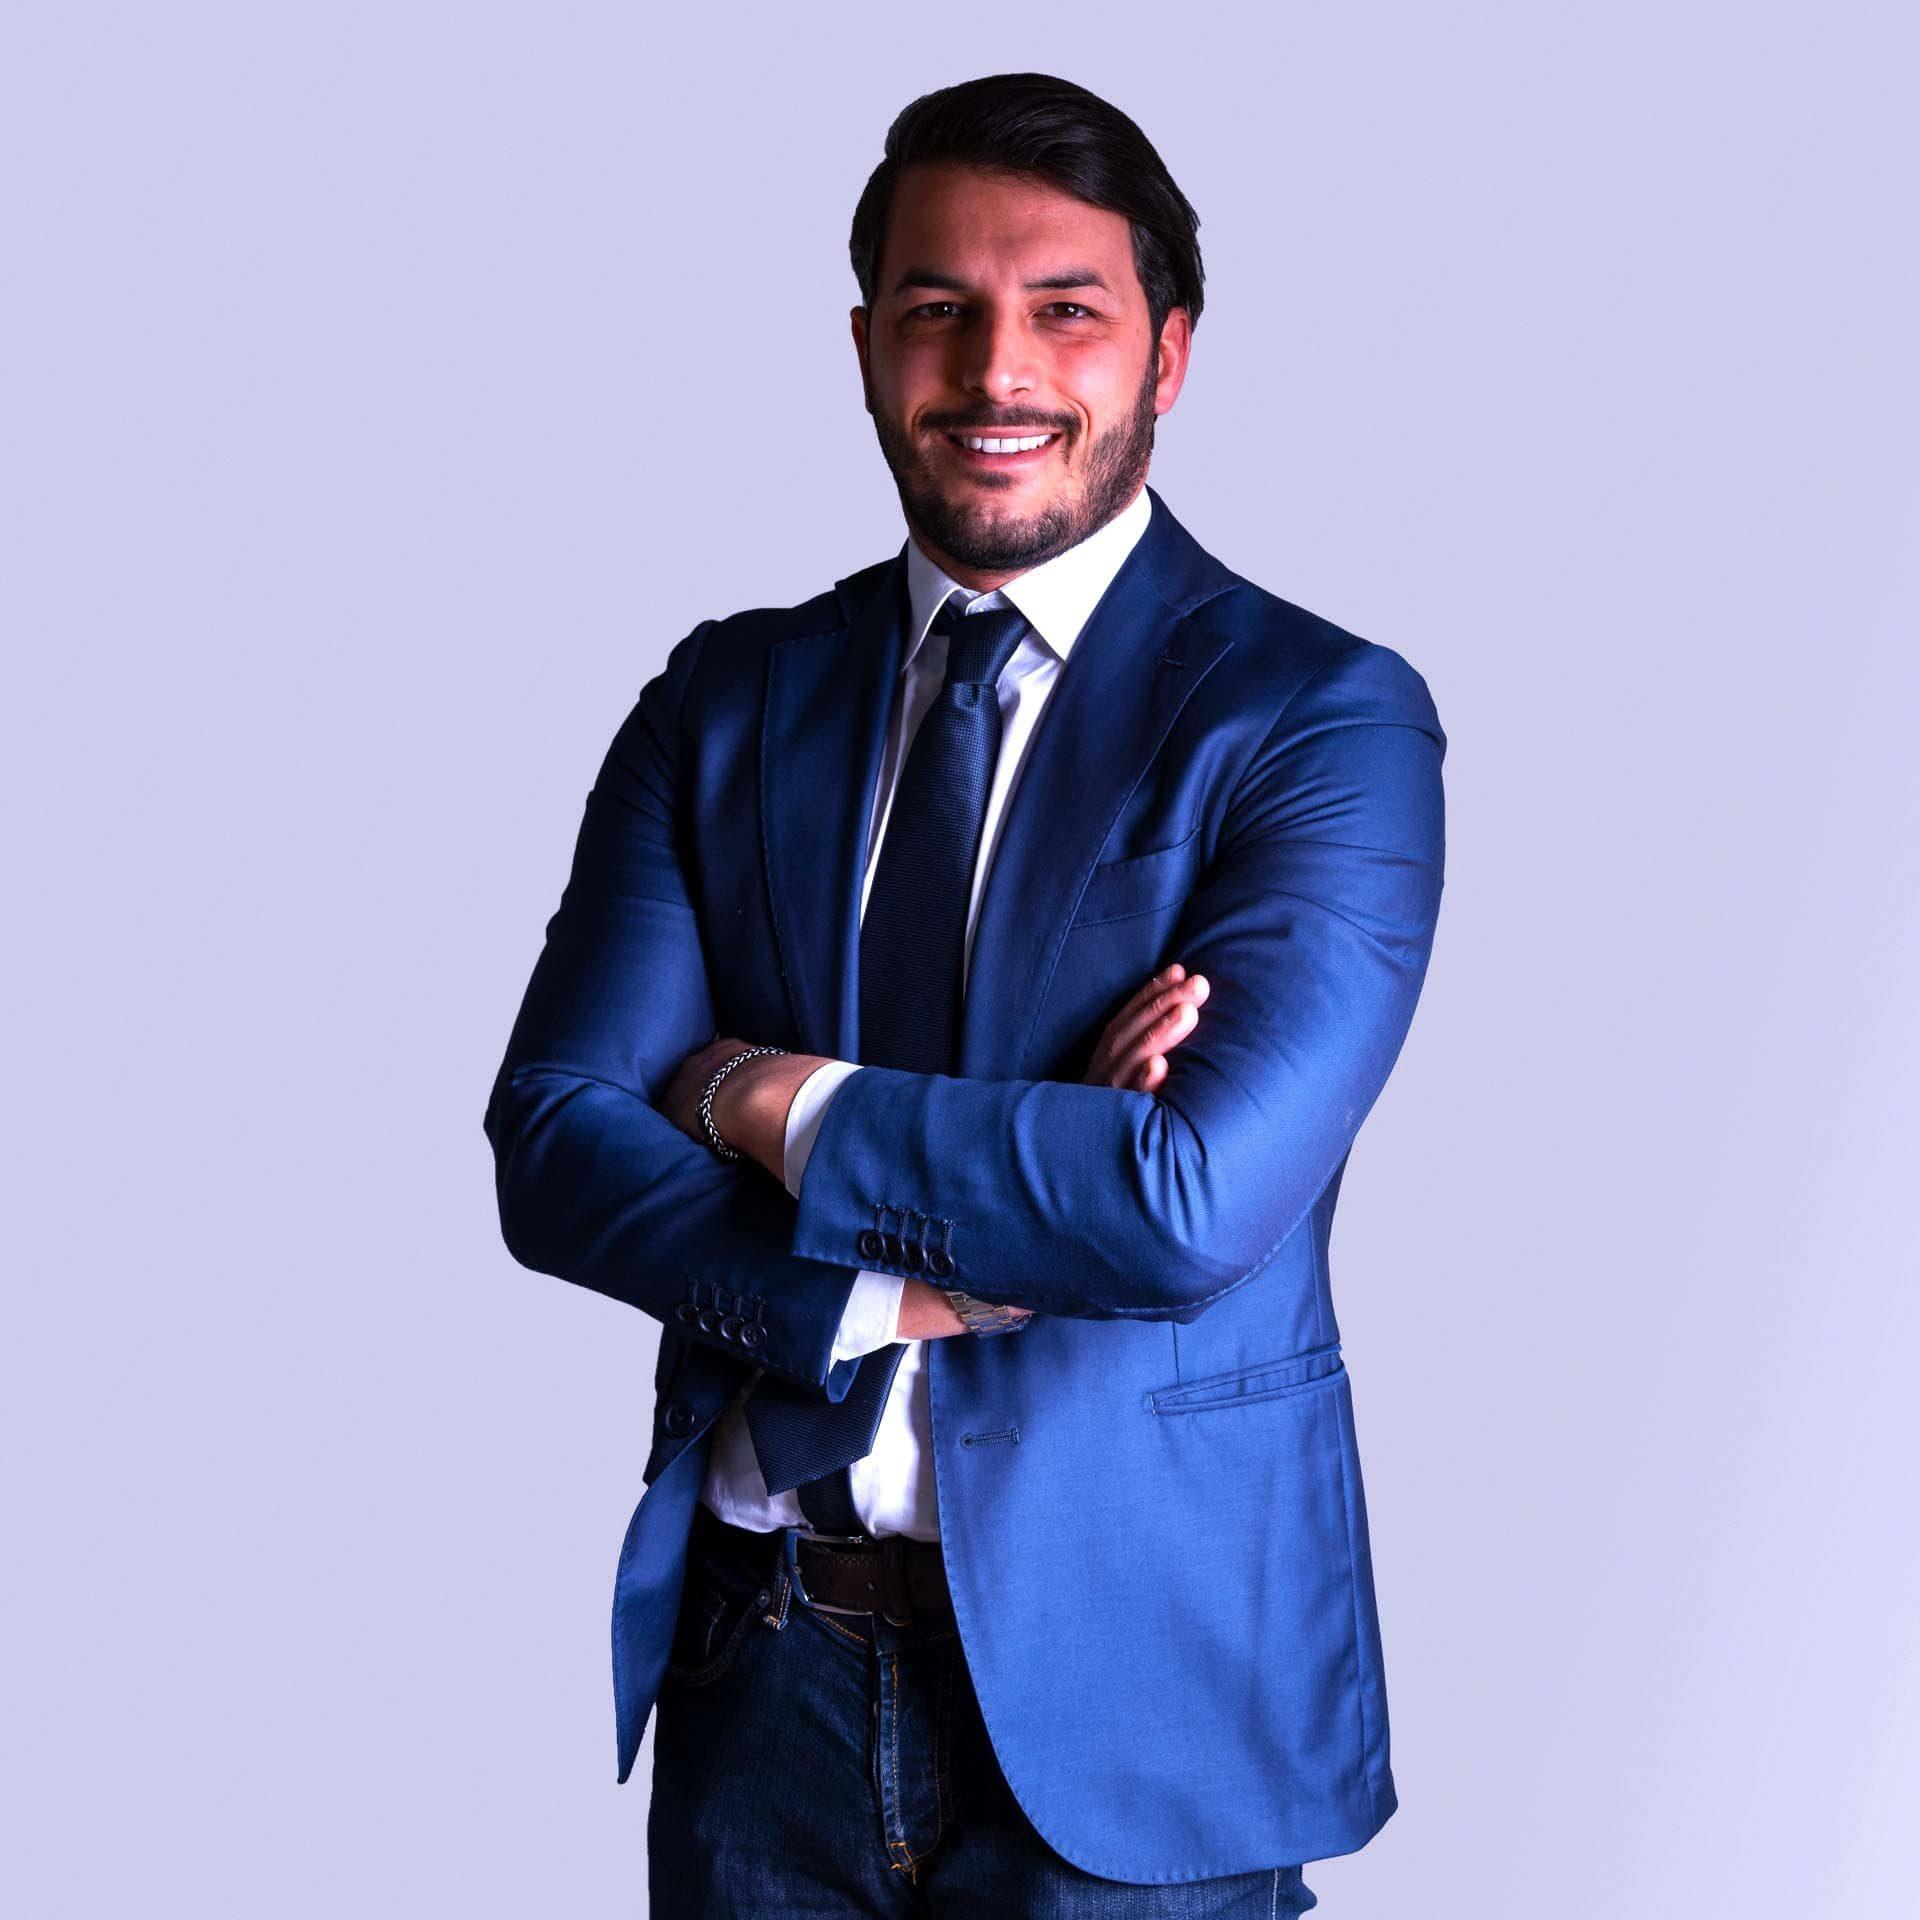 Alberto Palma_Ufficio Commerciale_Ufficio Commerciale